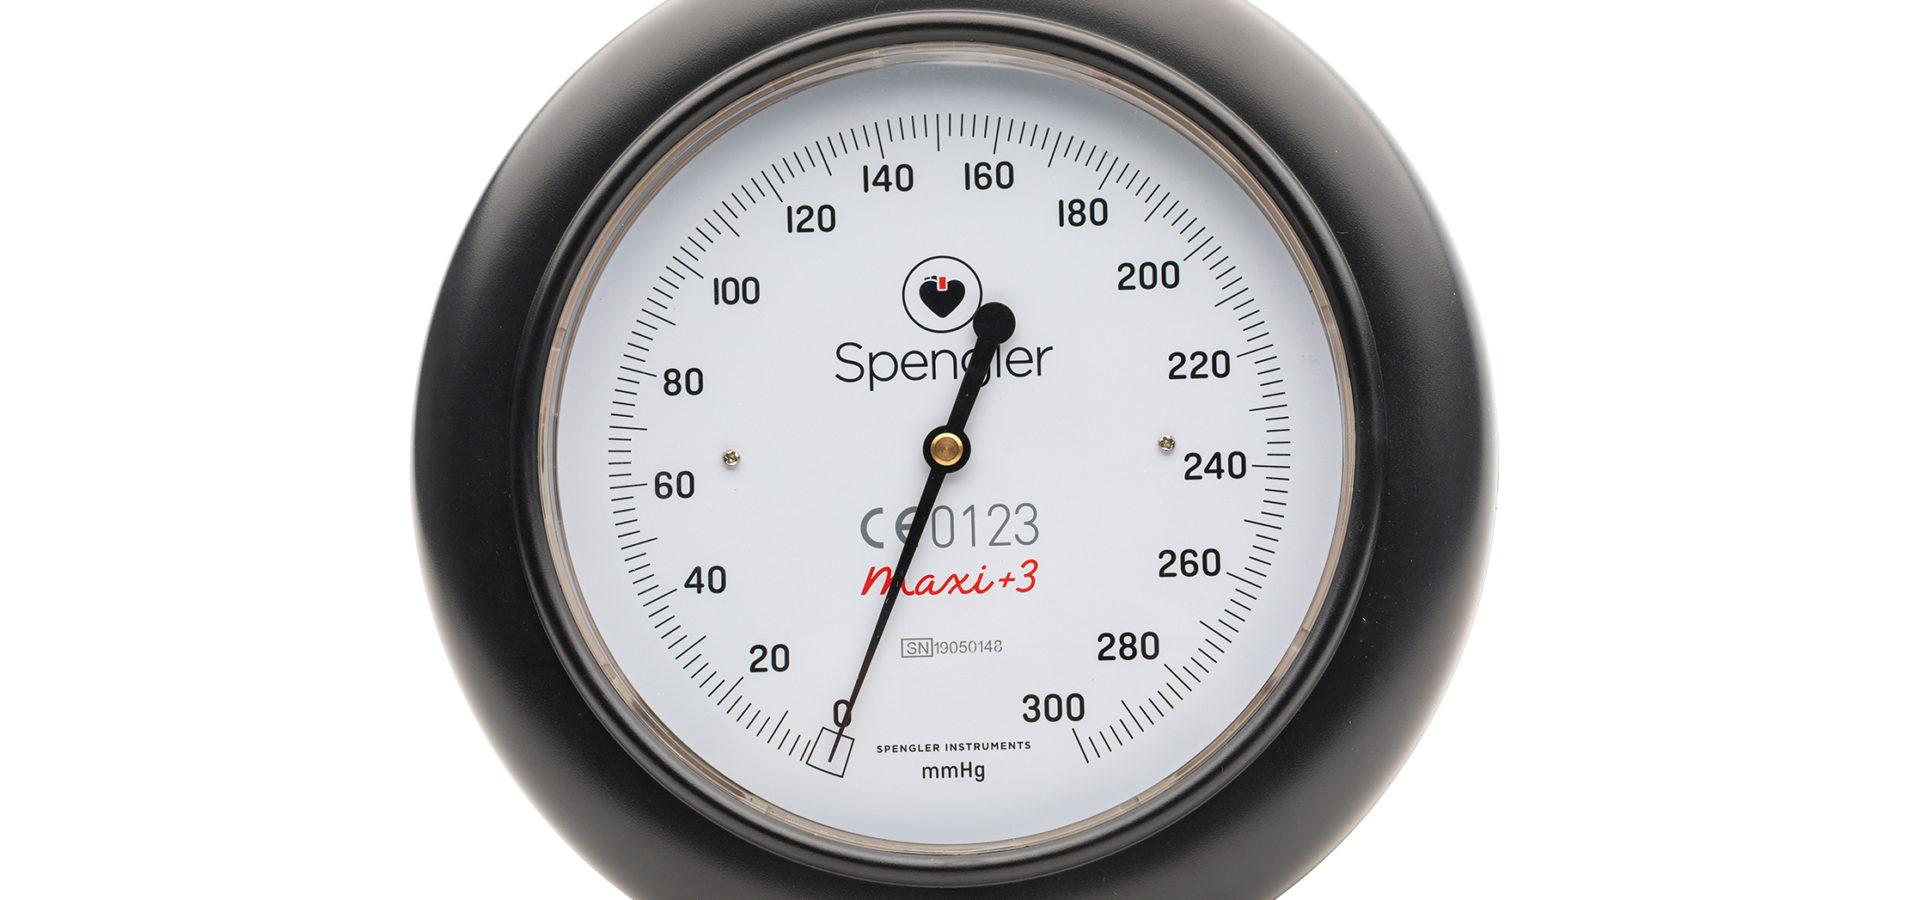 Tensiomètre manuel grand cadran Maxi+3